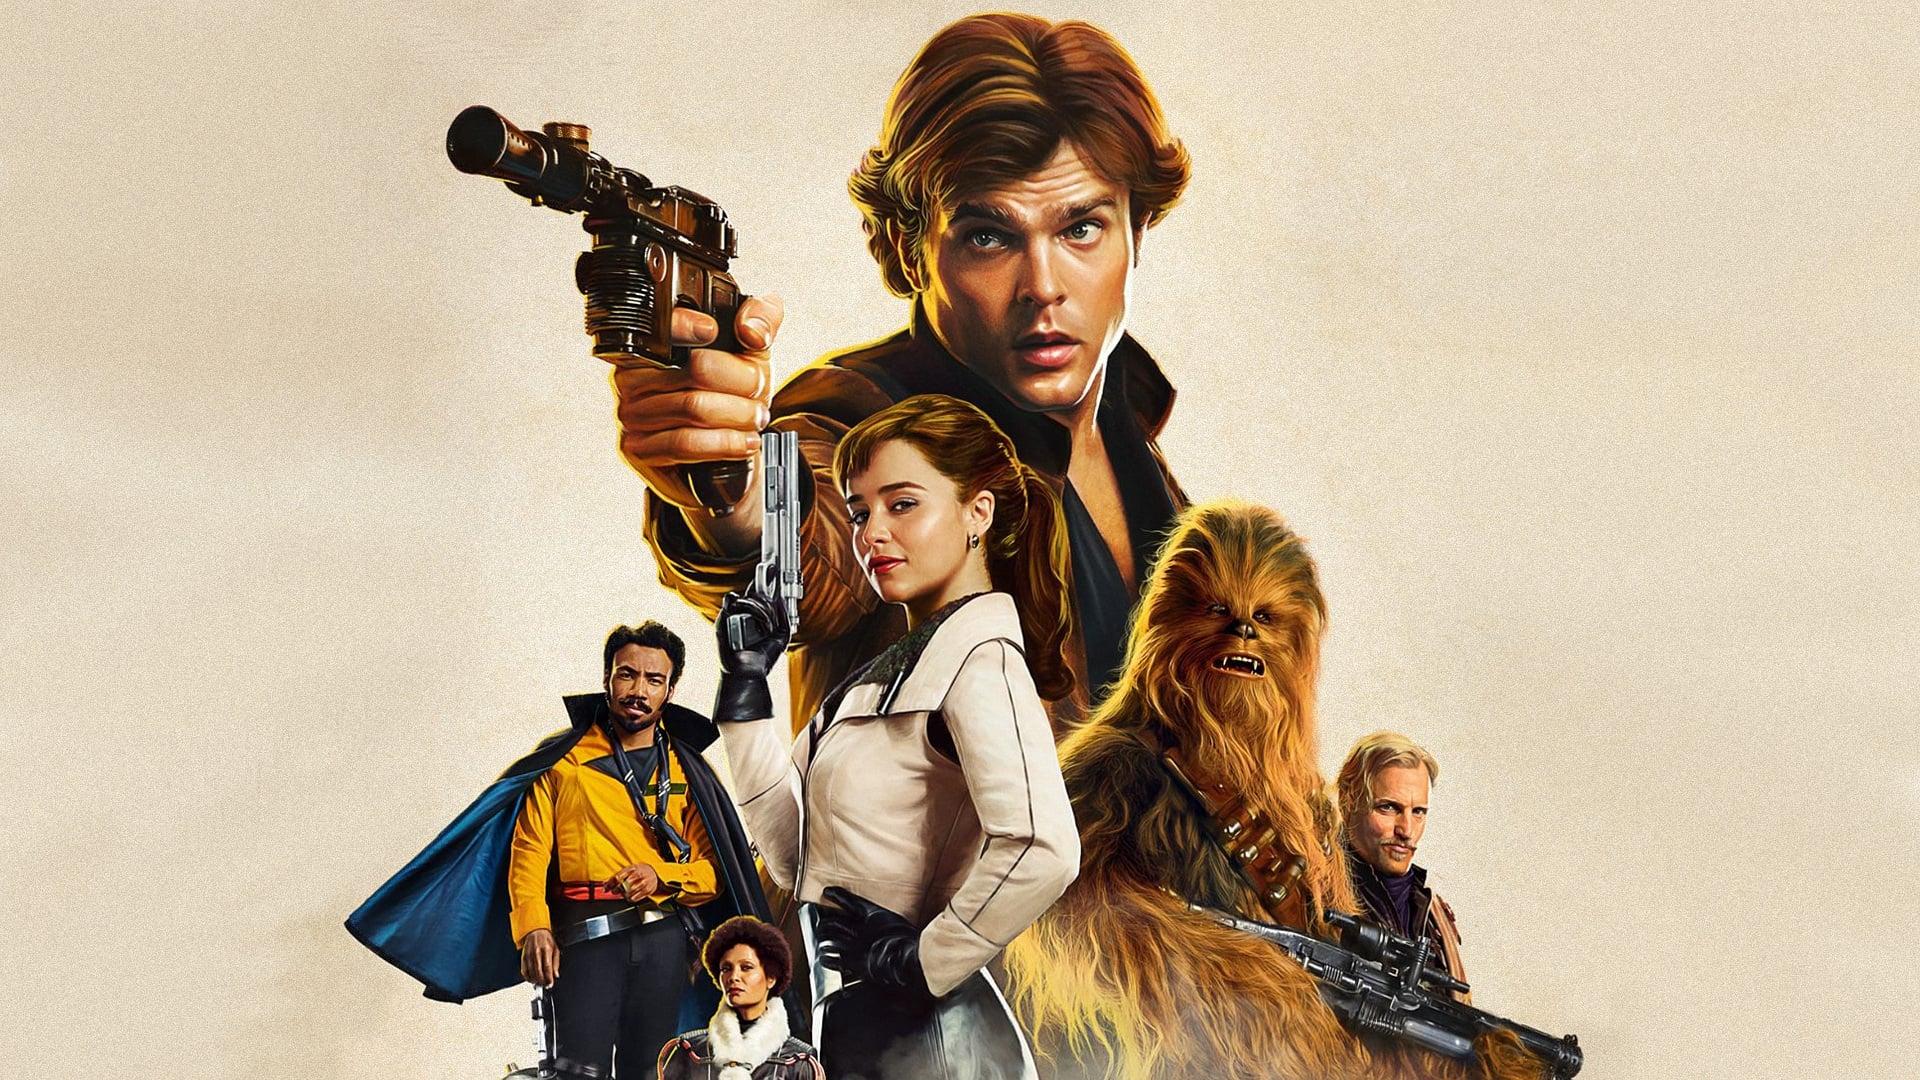 Han Solo: Precisávamos dessa história Star Wars?